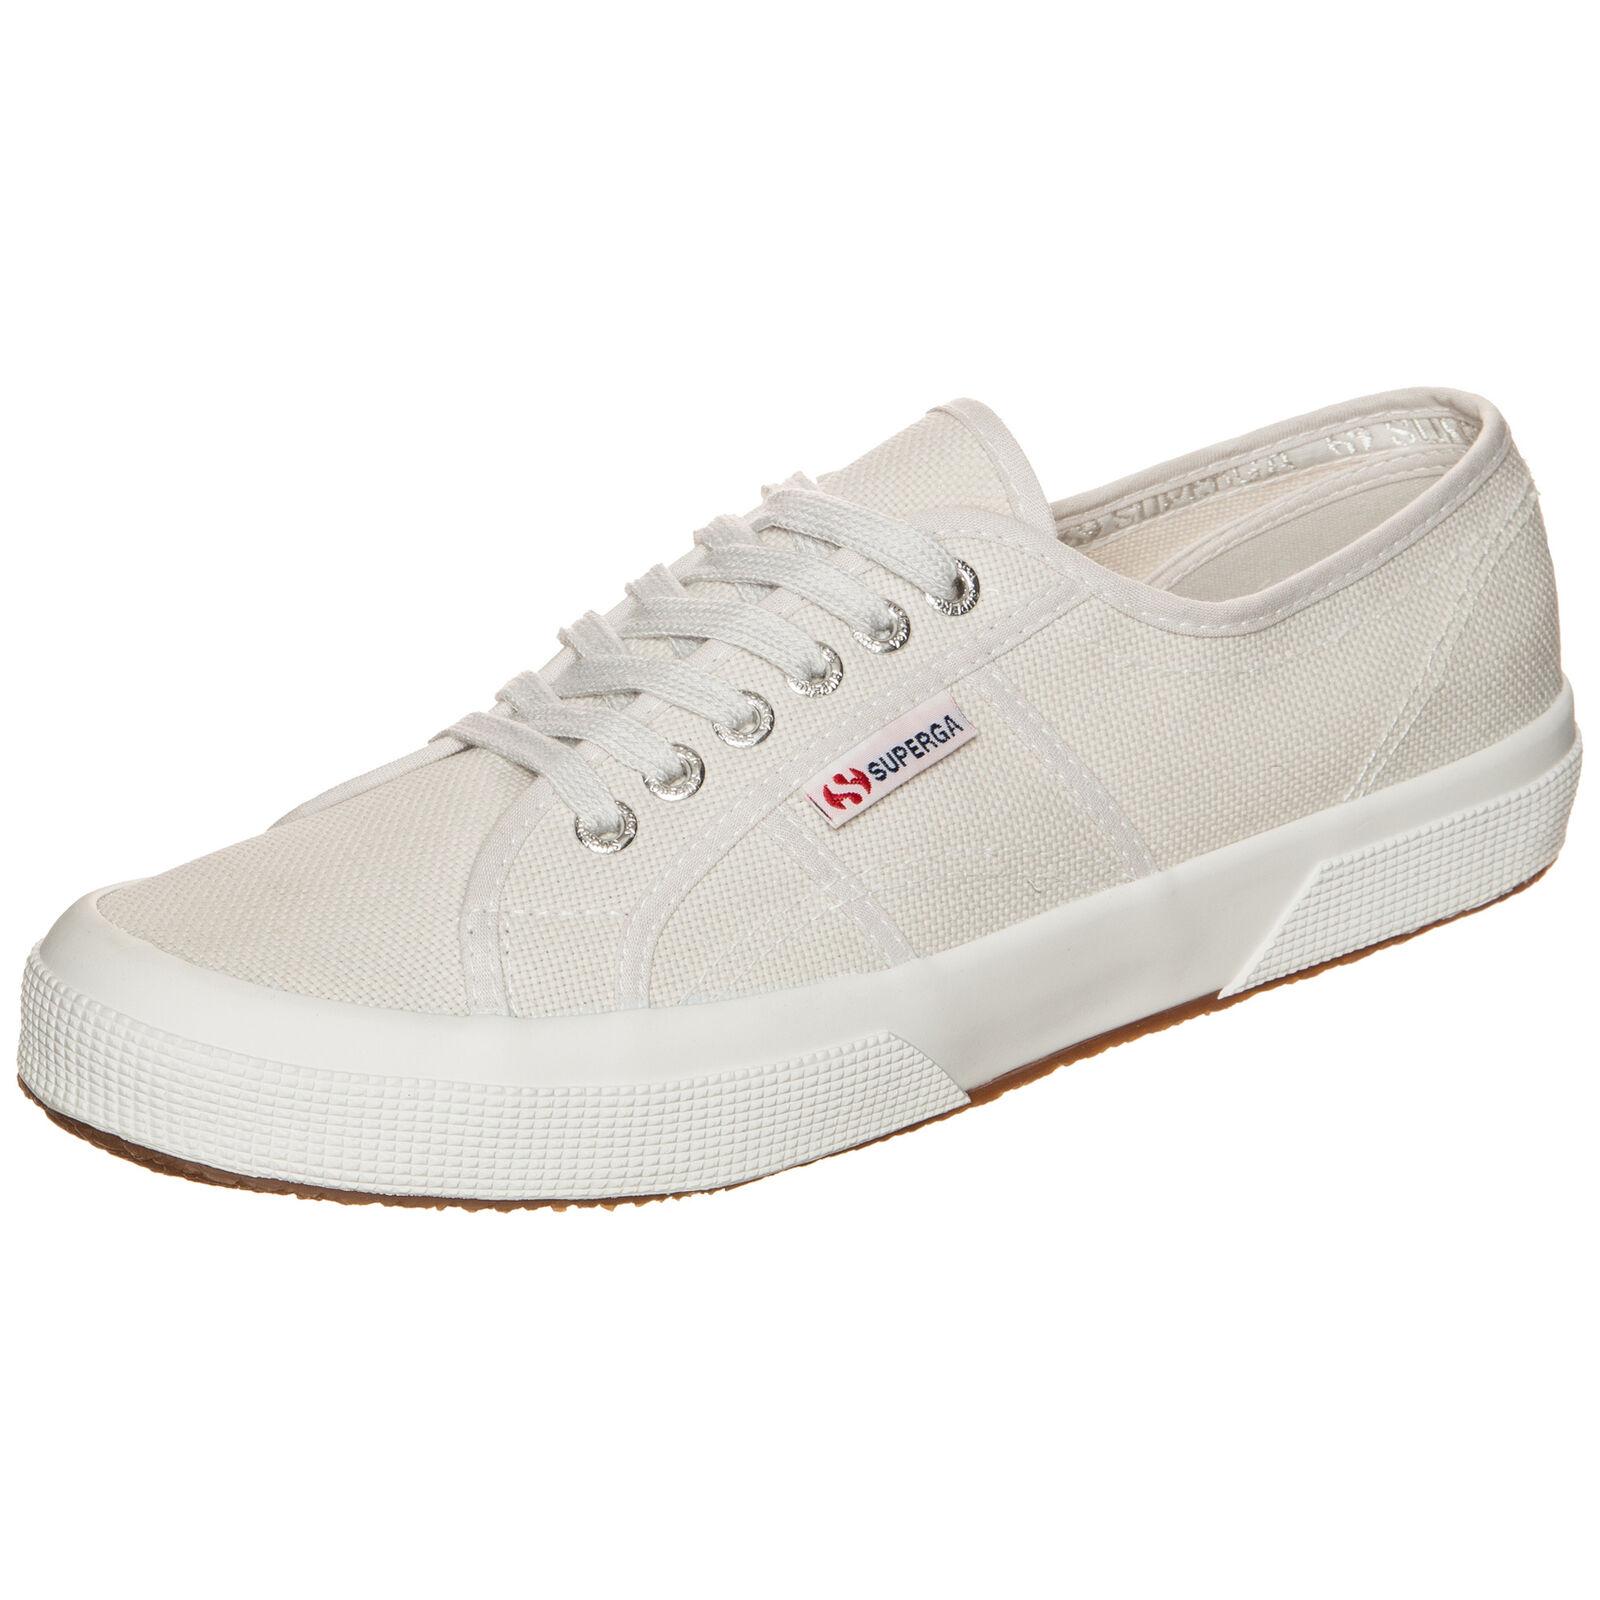 Superga 2750 Cotu Classic Sneaker Grau NEU Schuhe Turnschuhe